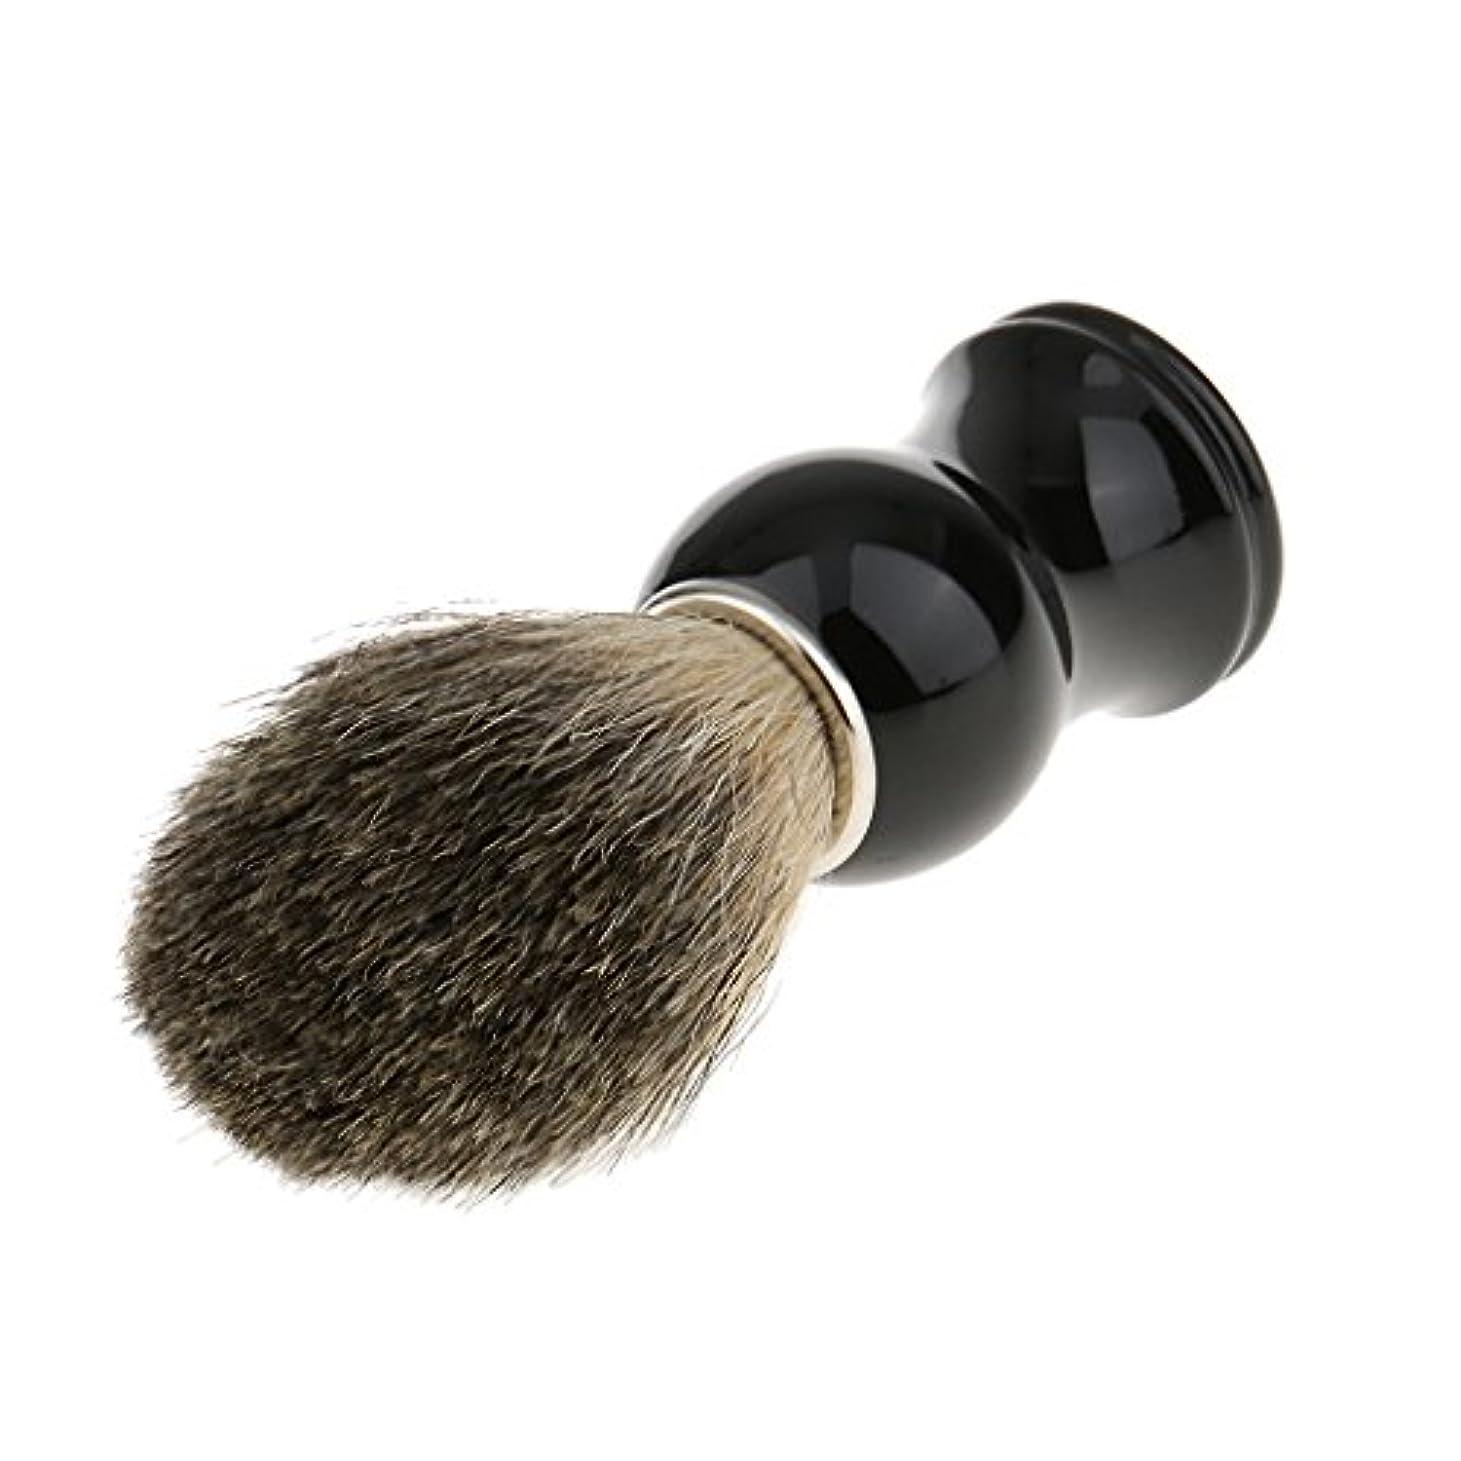 通訳ビュッフェ援助人工毛 シェービングブラシ 柔らかい 理容 洗顔 髭剃り 乾くやすい 11.2cm ブラックハンドル